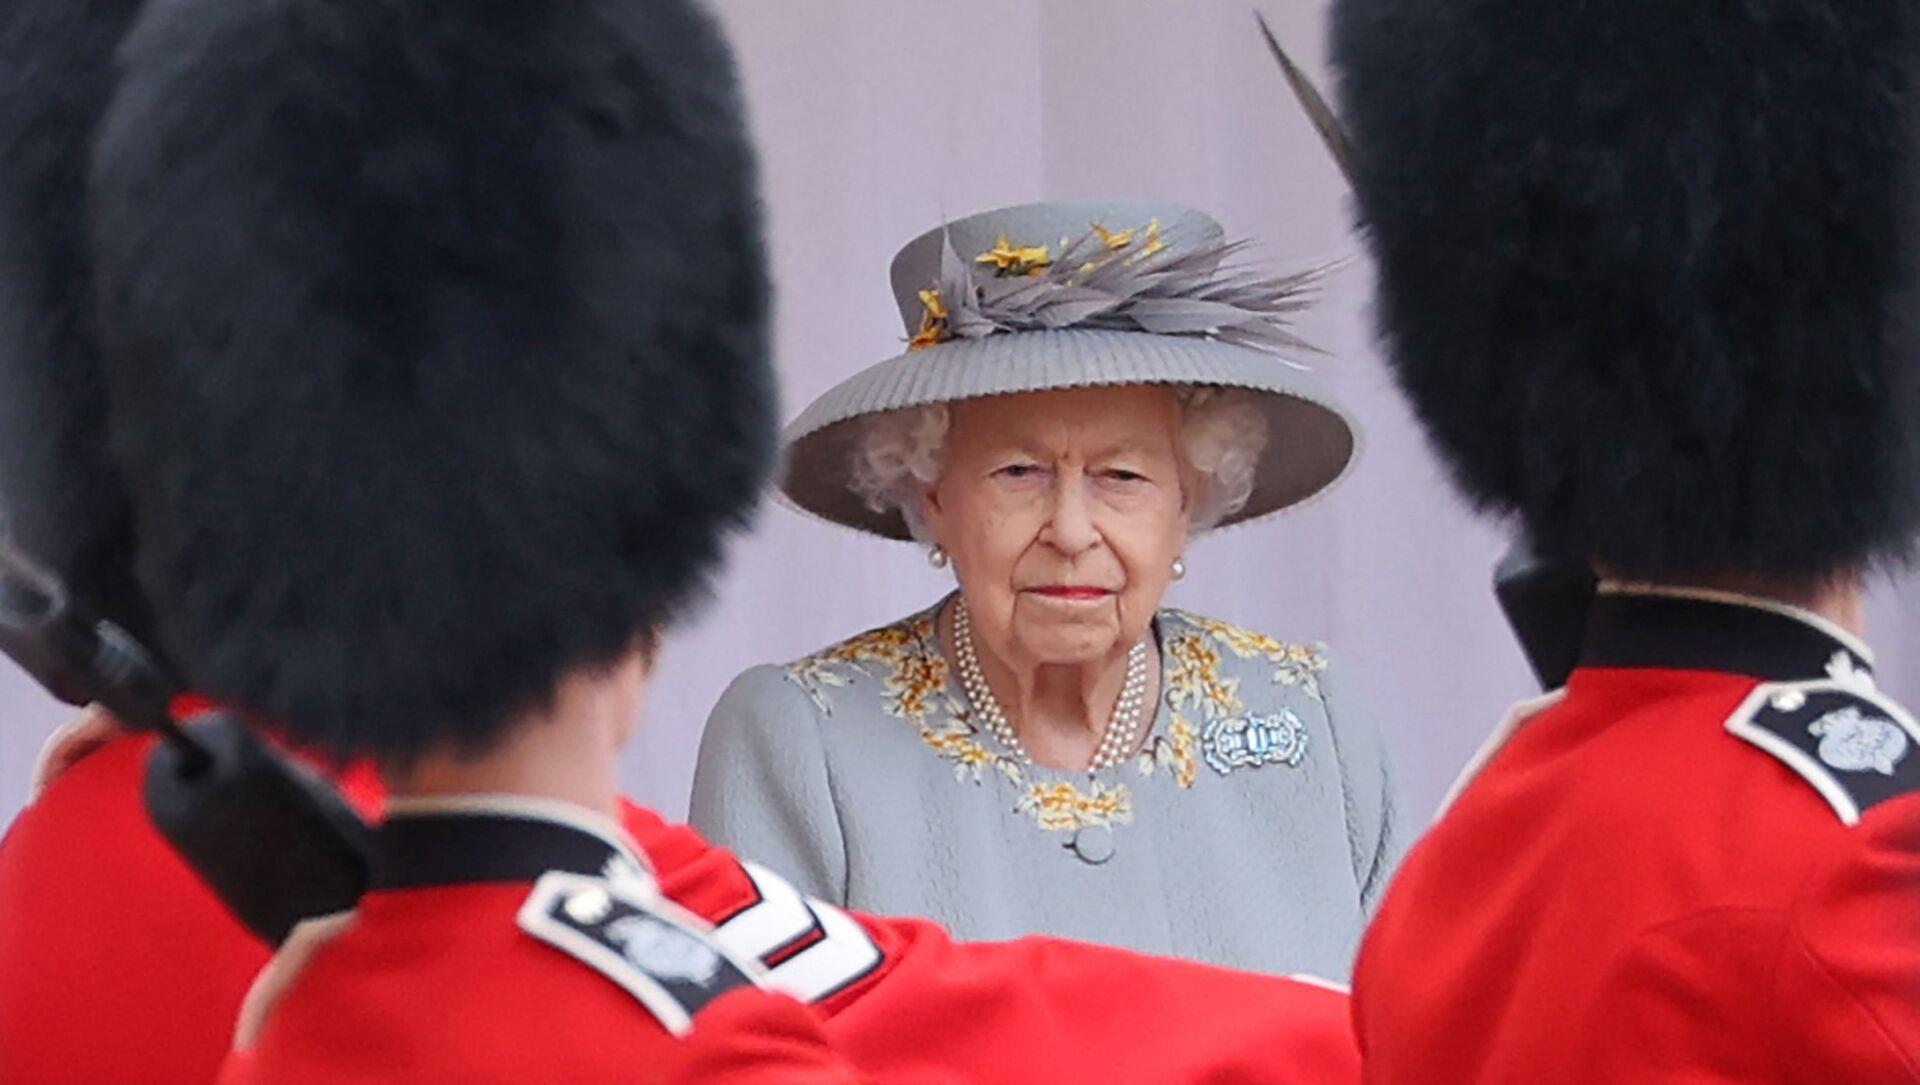 Nữ hoàng Anh Elizabeth II theo dõi một buổi lễ quân sự để đánh dấu sinh nhật chính thức của mình tại Lâu đài Windsor vào ngày 12 tháng 6 năm 2021 ở Windsor. - Sputnik Việt Nam, 1920, 11.07.2021